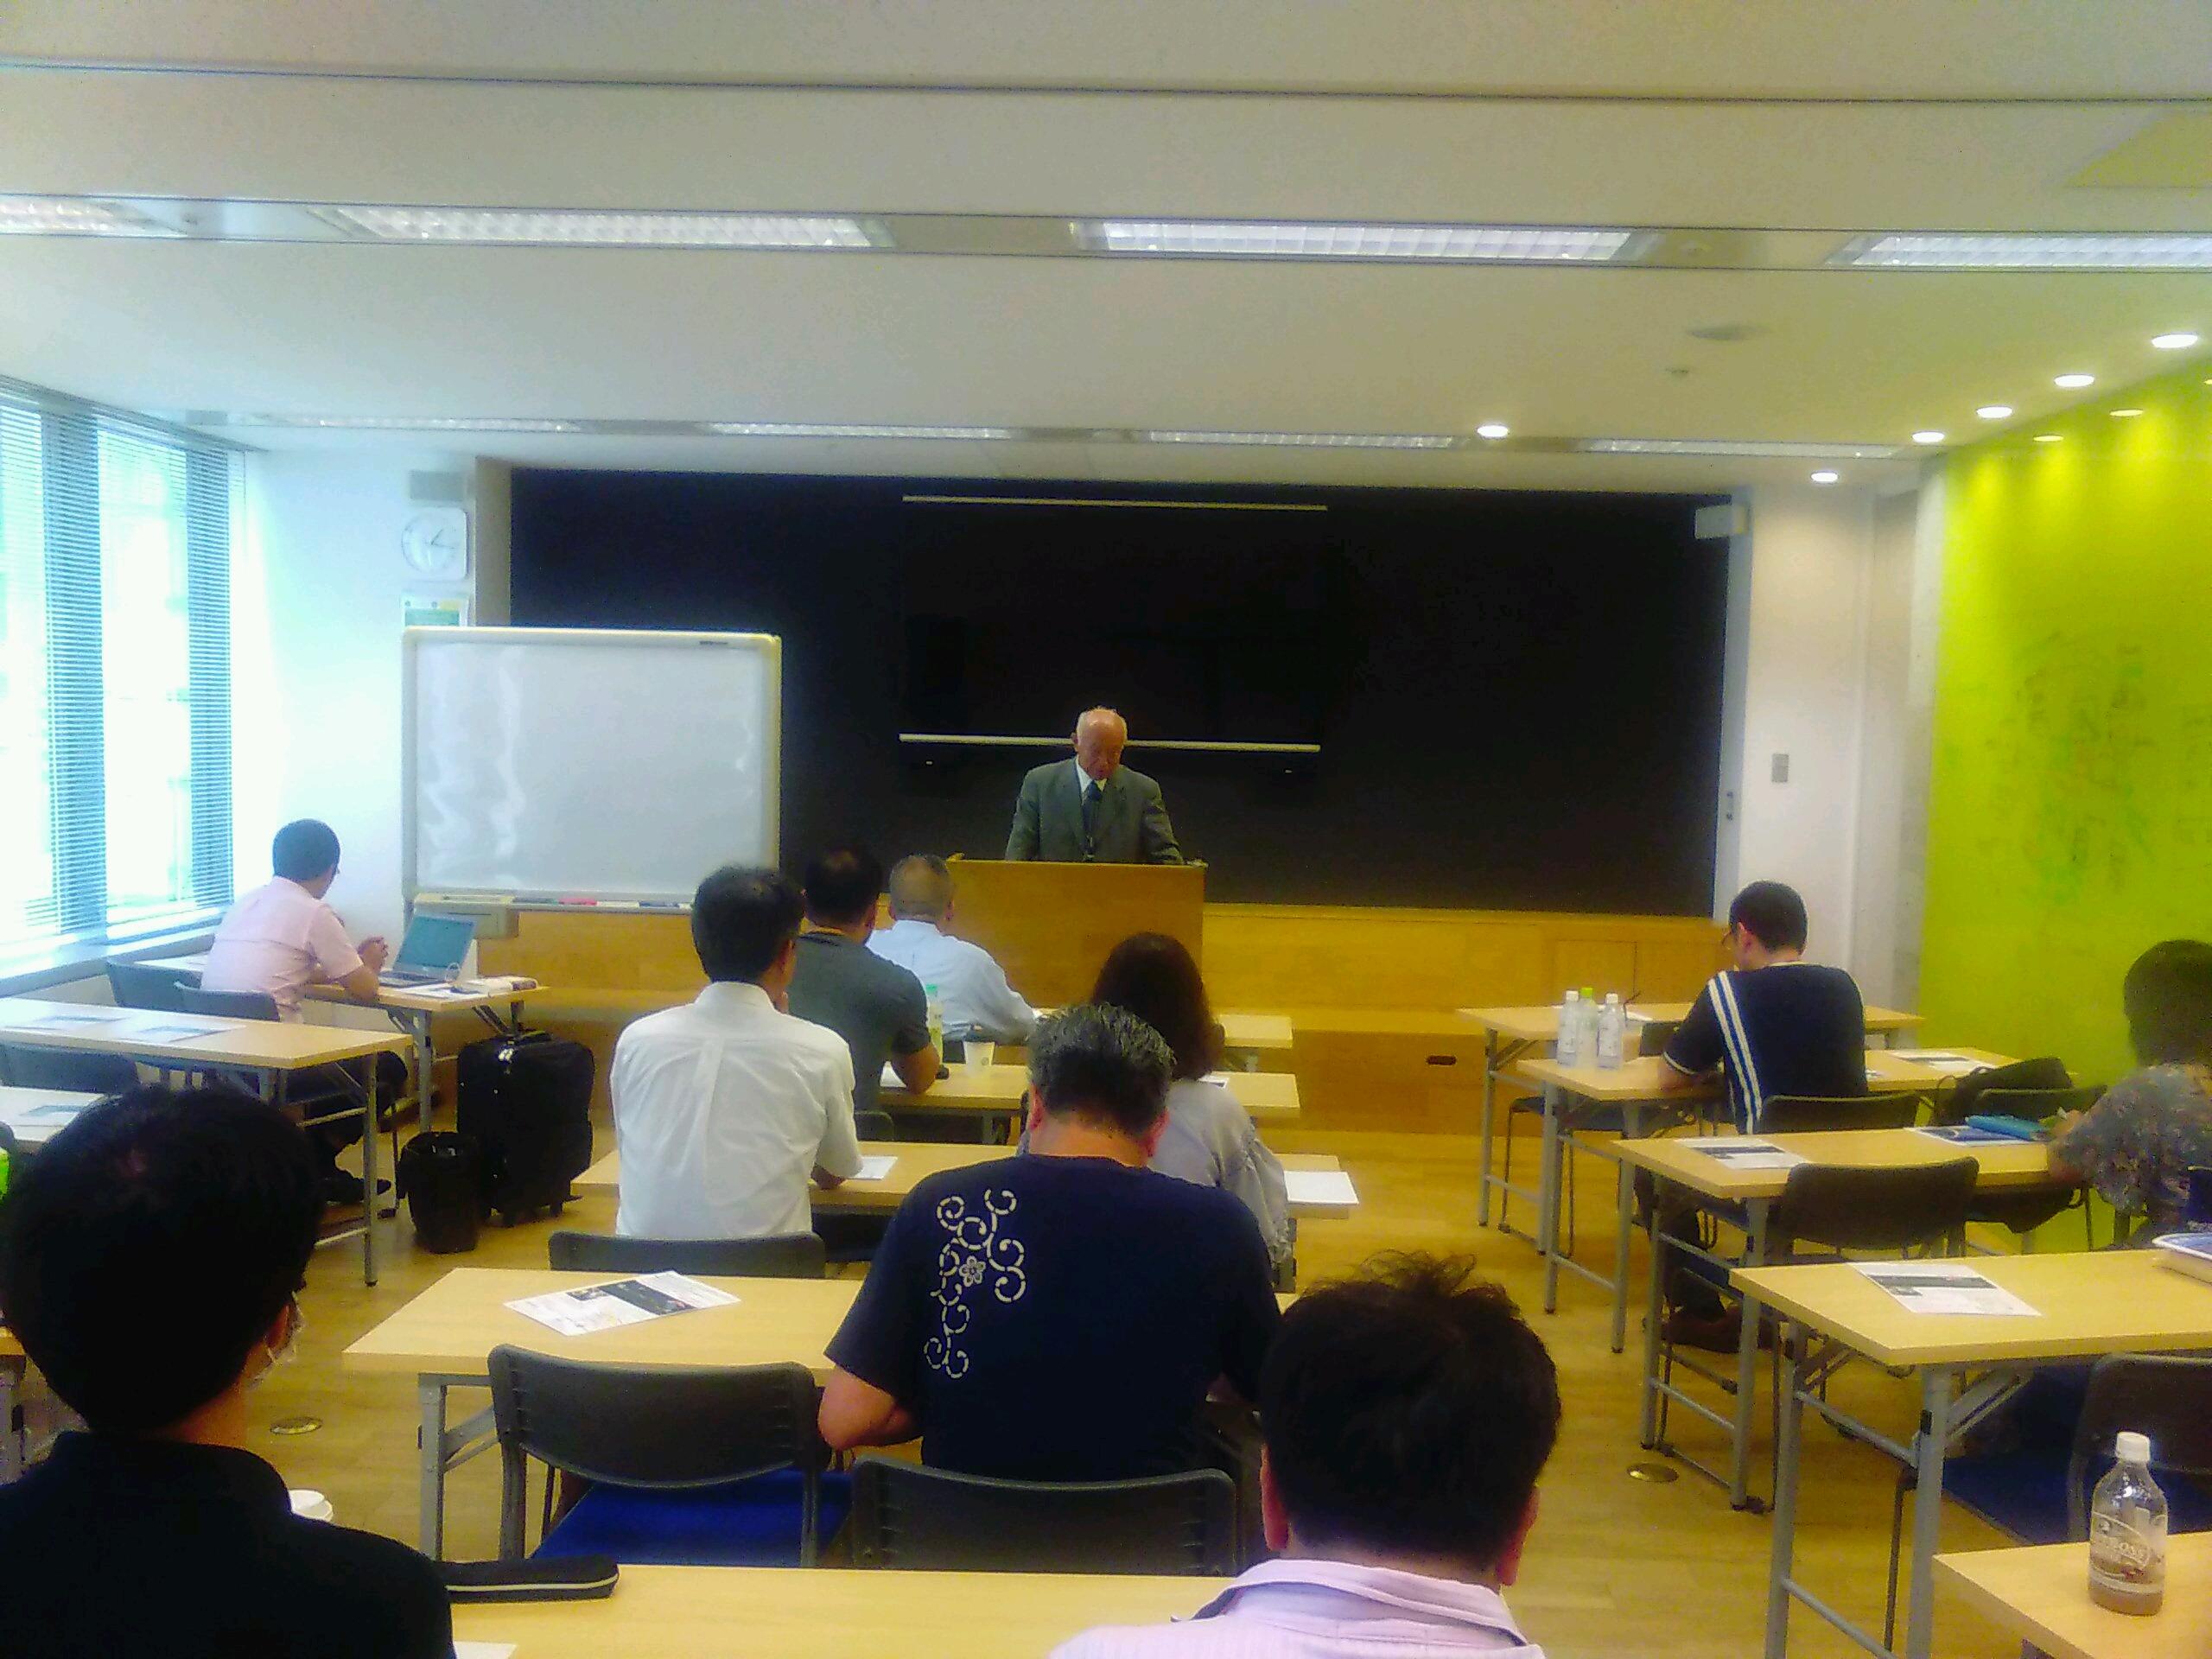 20180804131720 - 2018年8月4日第4回東京思風塾開催しました。